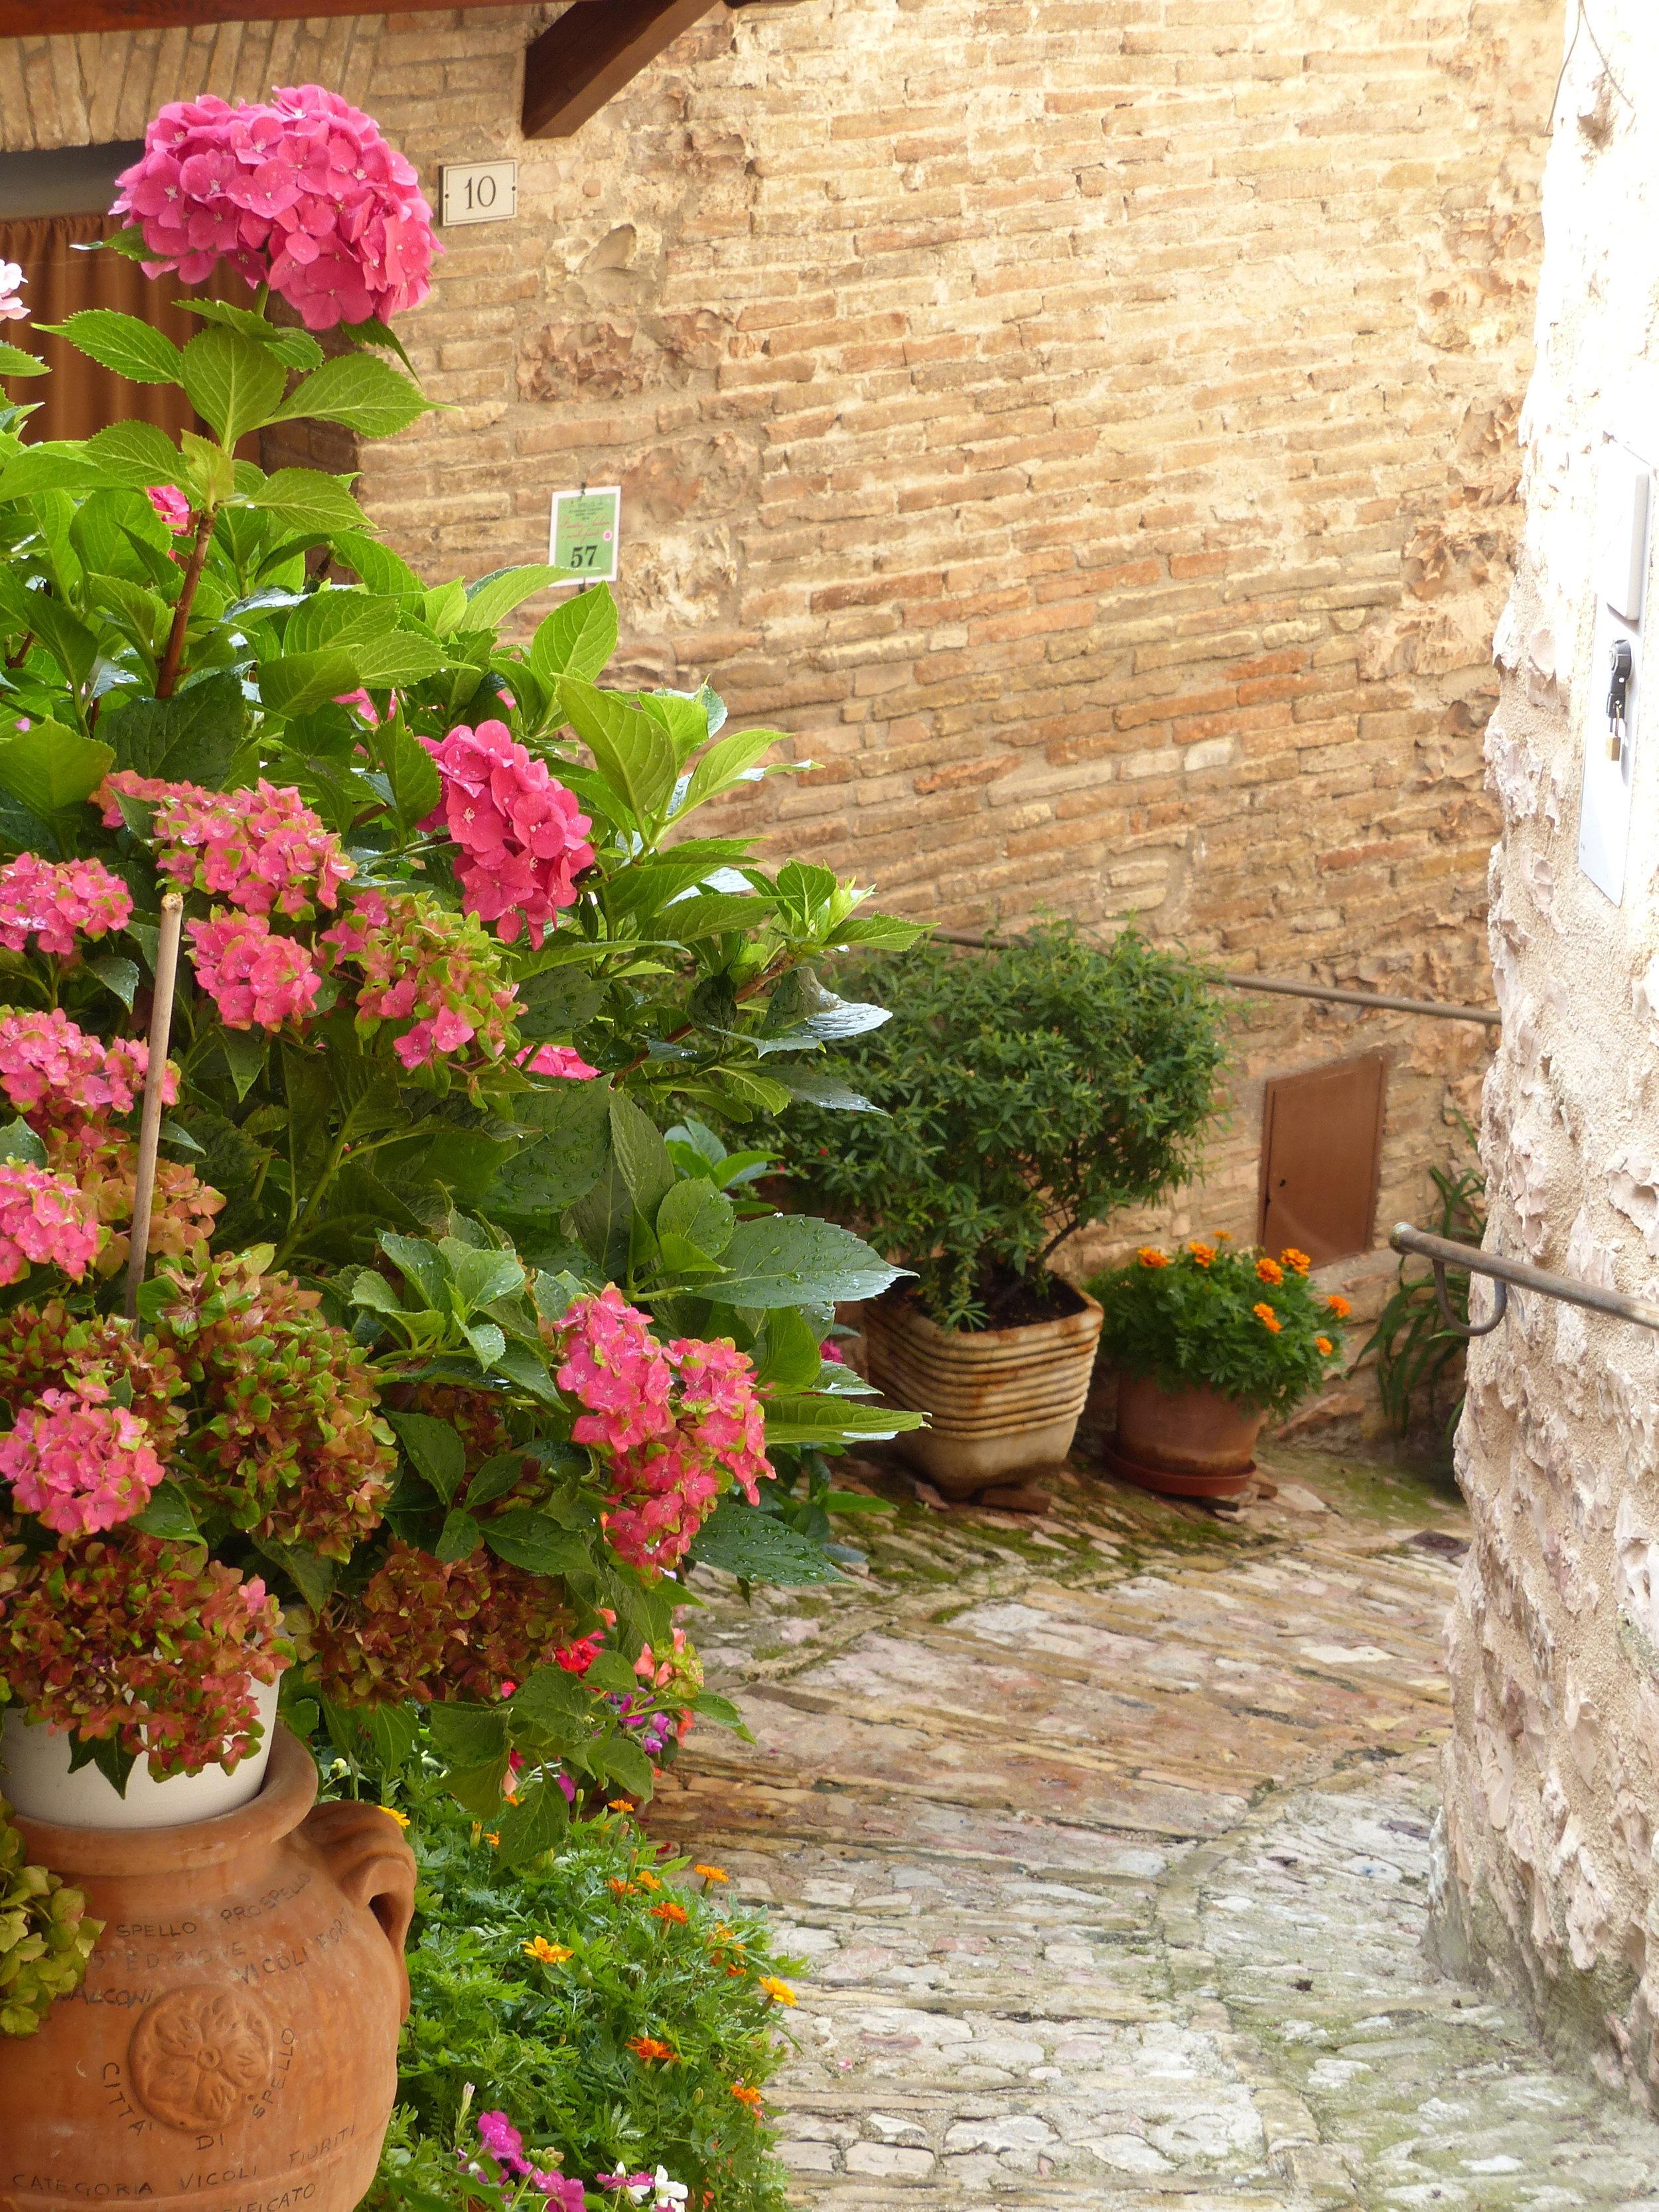 Street in Spello, Umbria